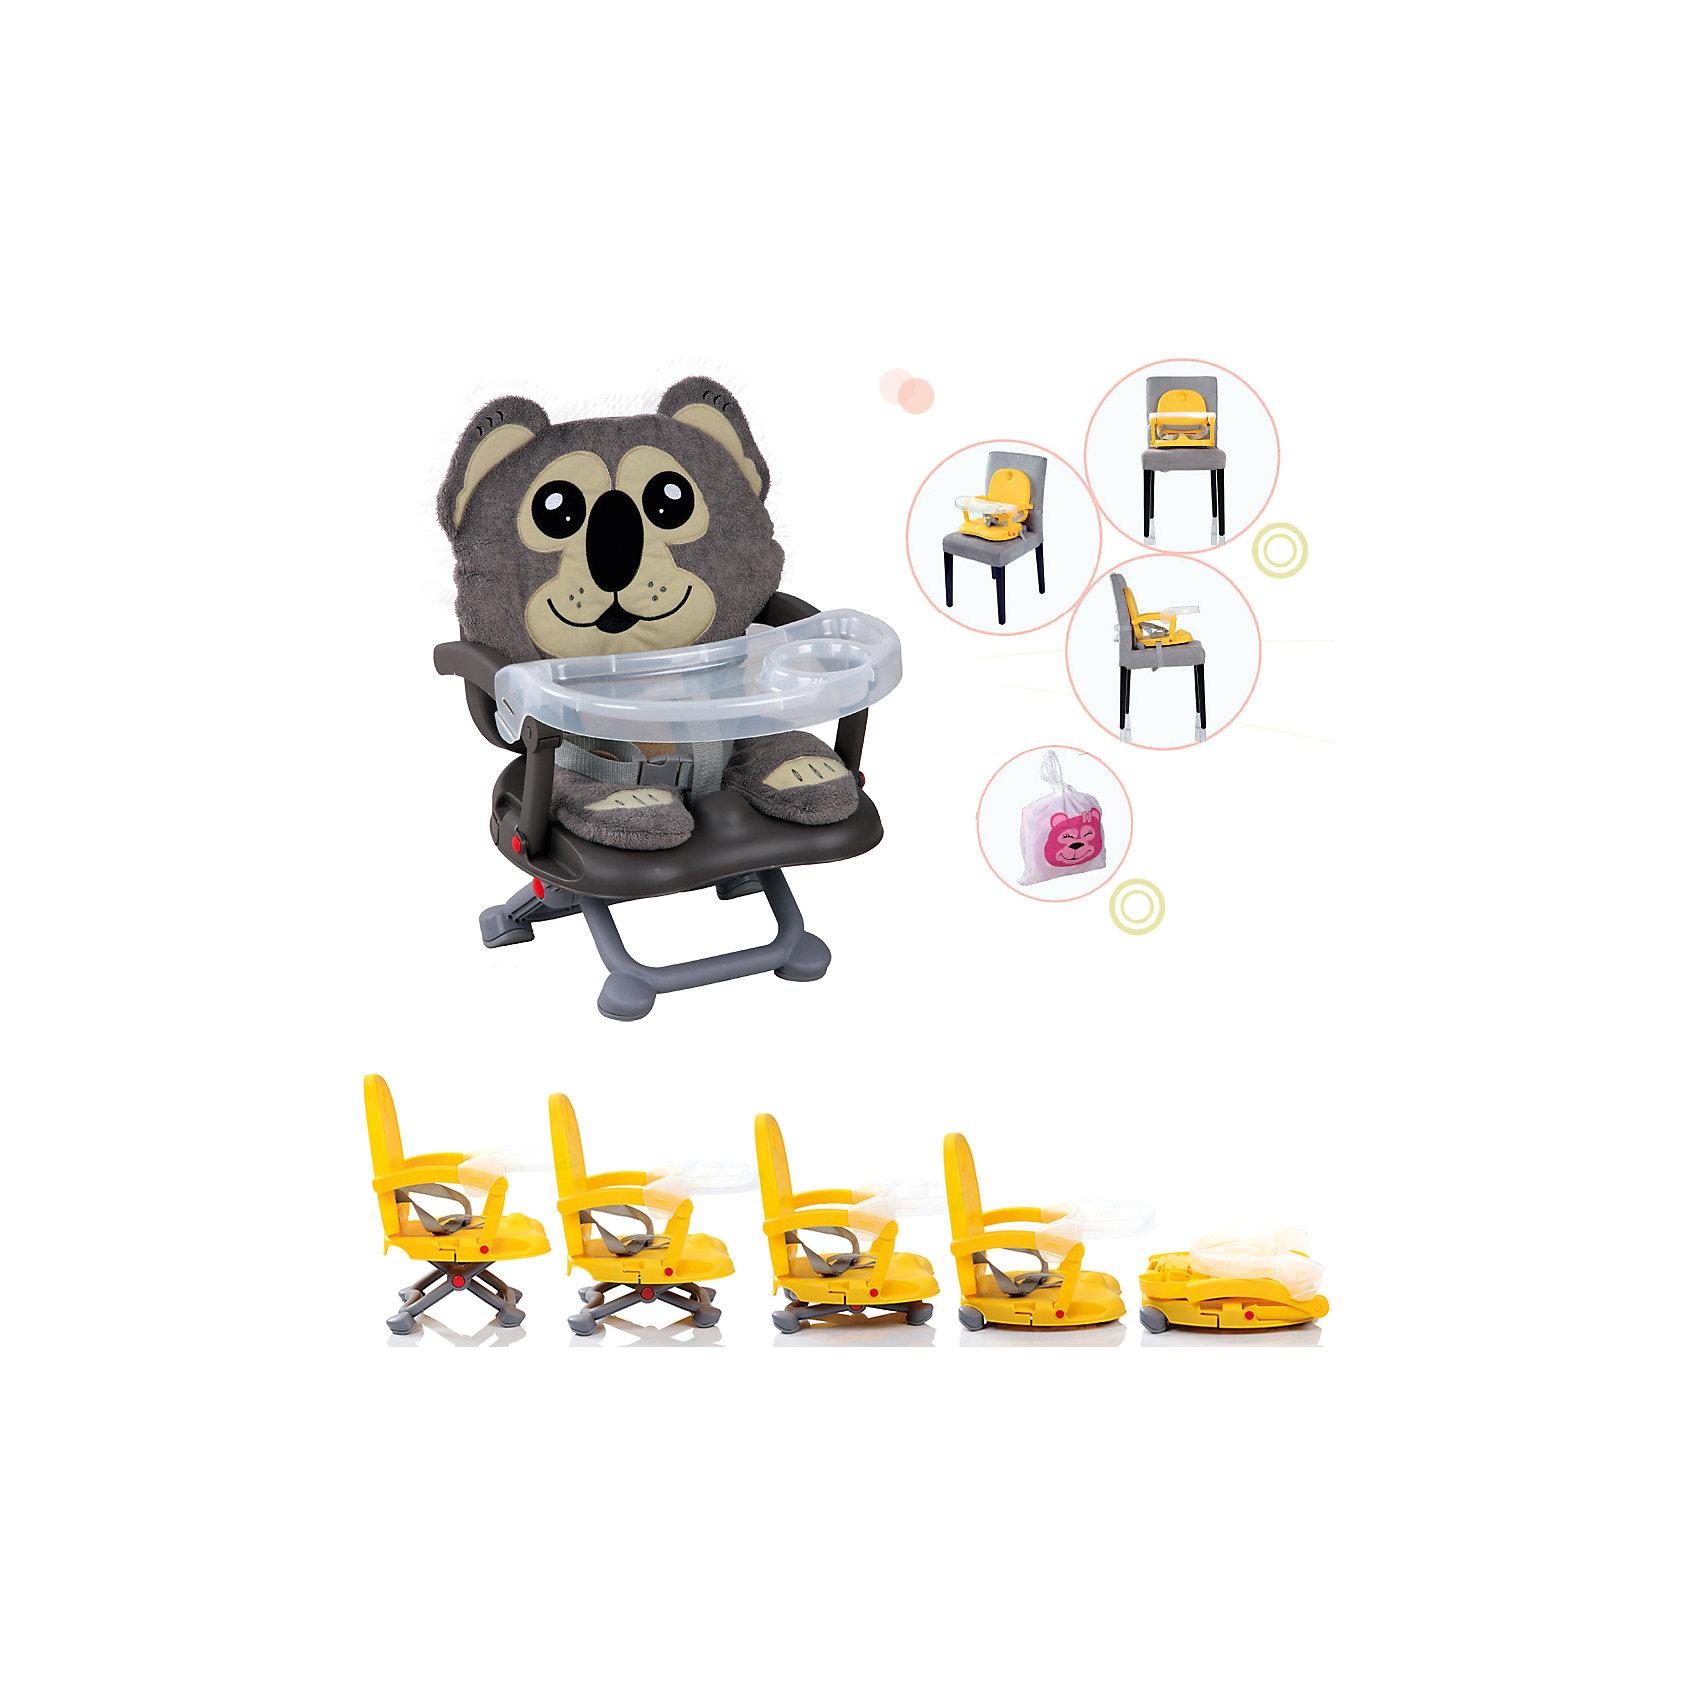 Стульчик для кормления H-1, Babies, Koala